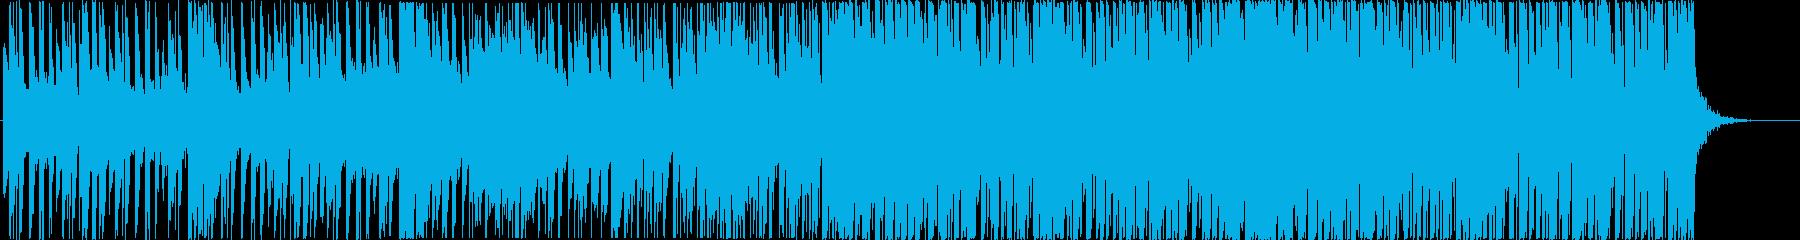 リズミカルなトロピカルハウスBGMの再生済みの波形